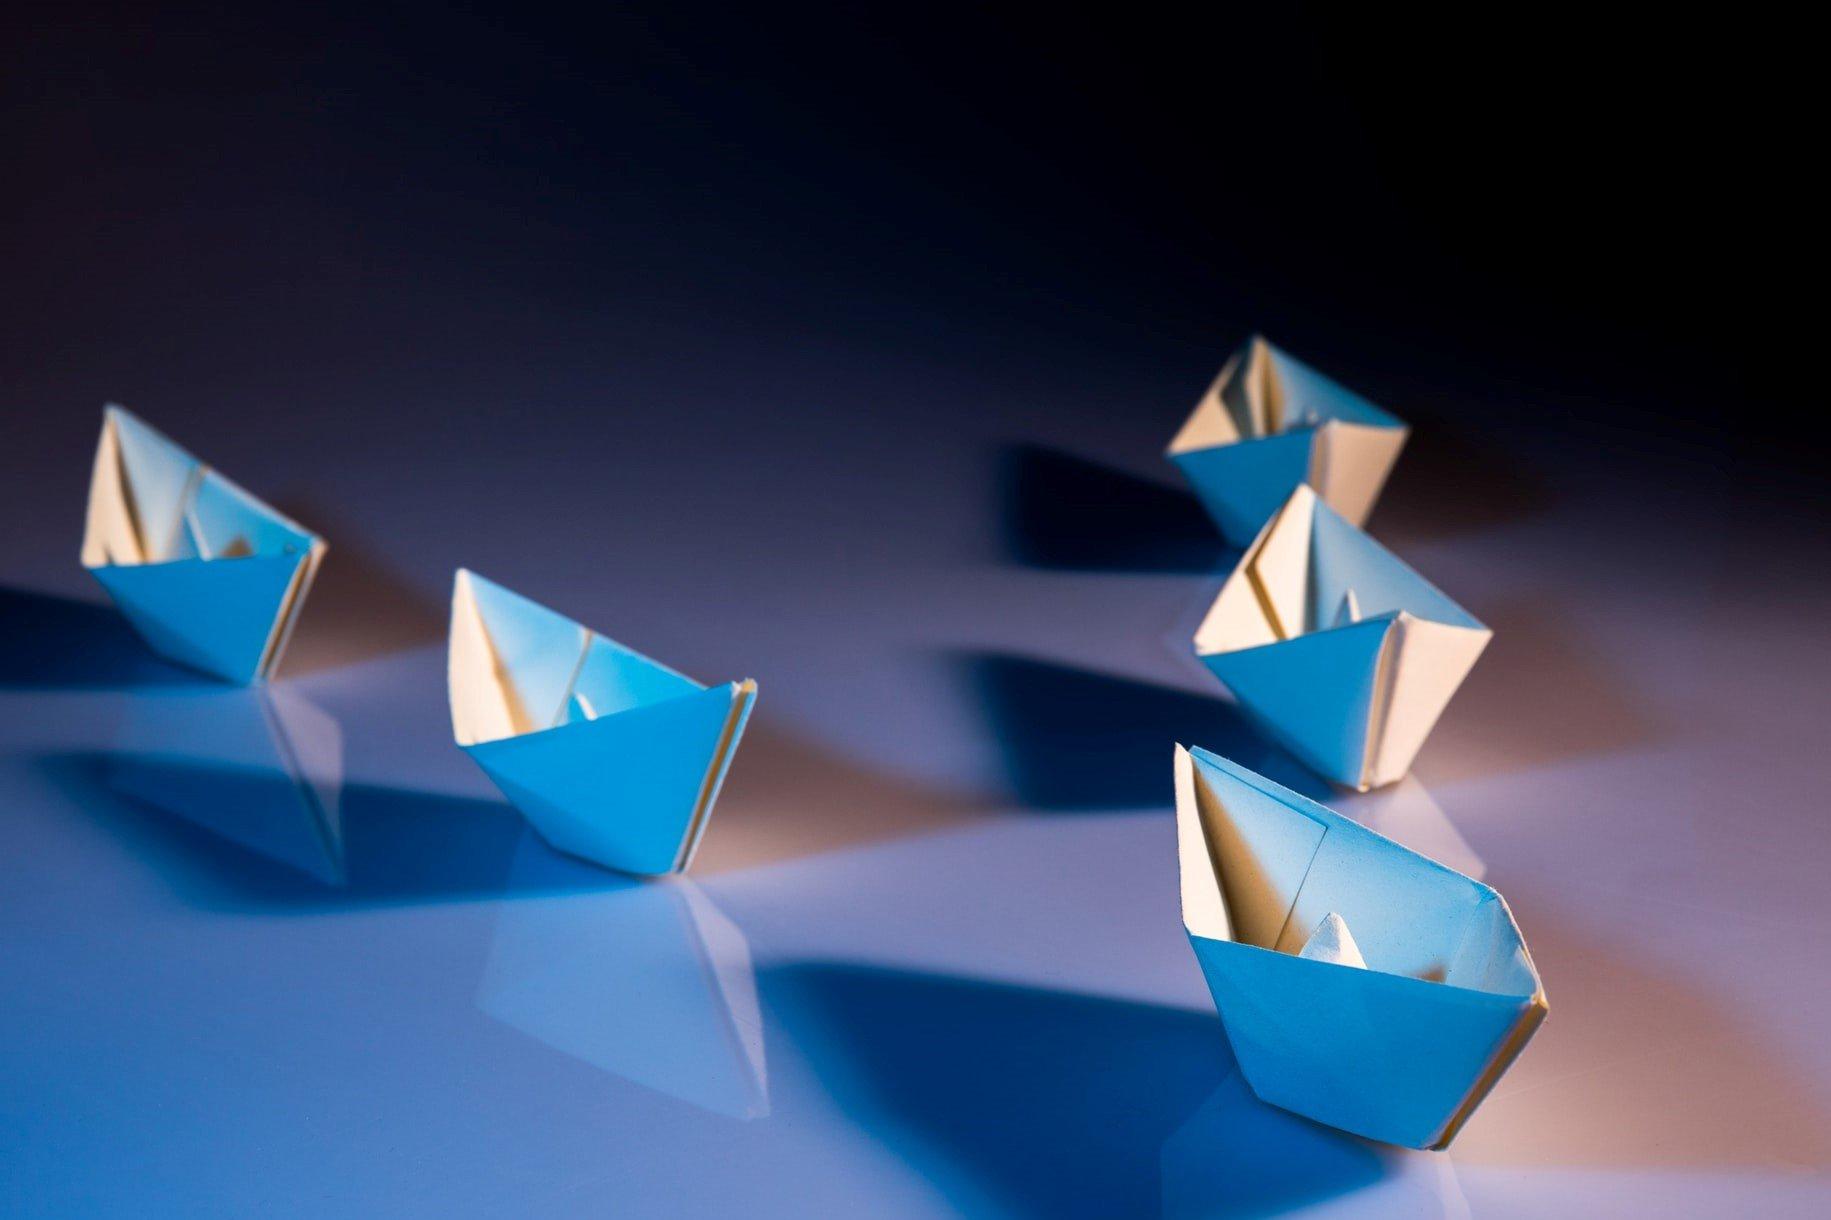 Führung & Entrepreneurship – Wie führe ich mein eigenes Unternehmen